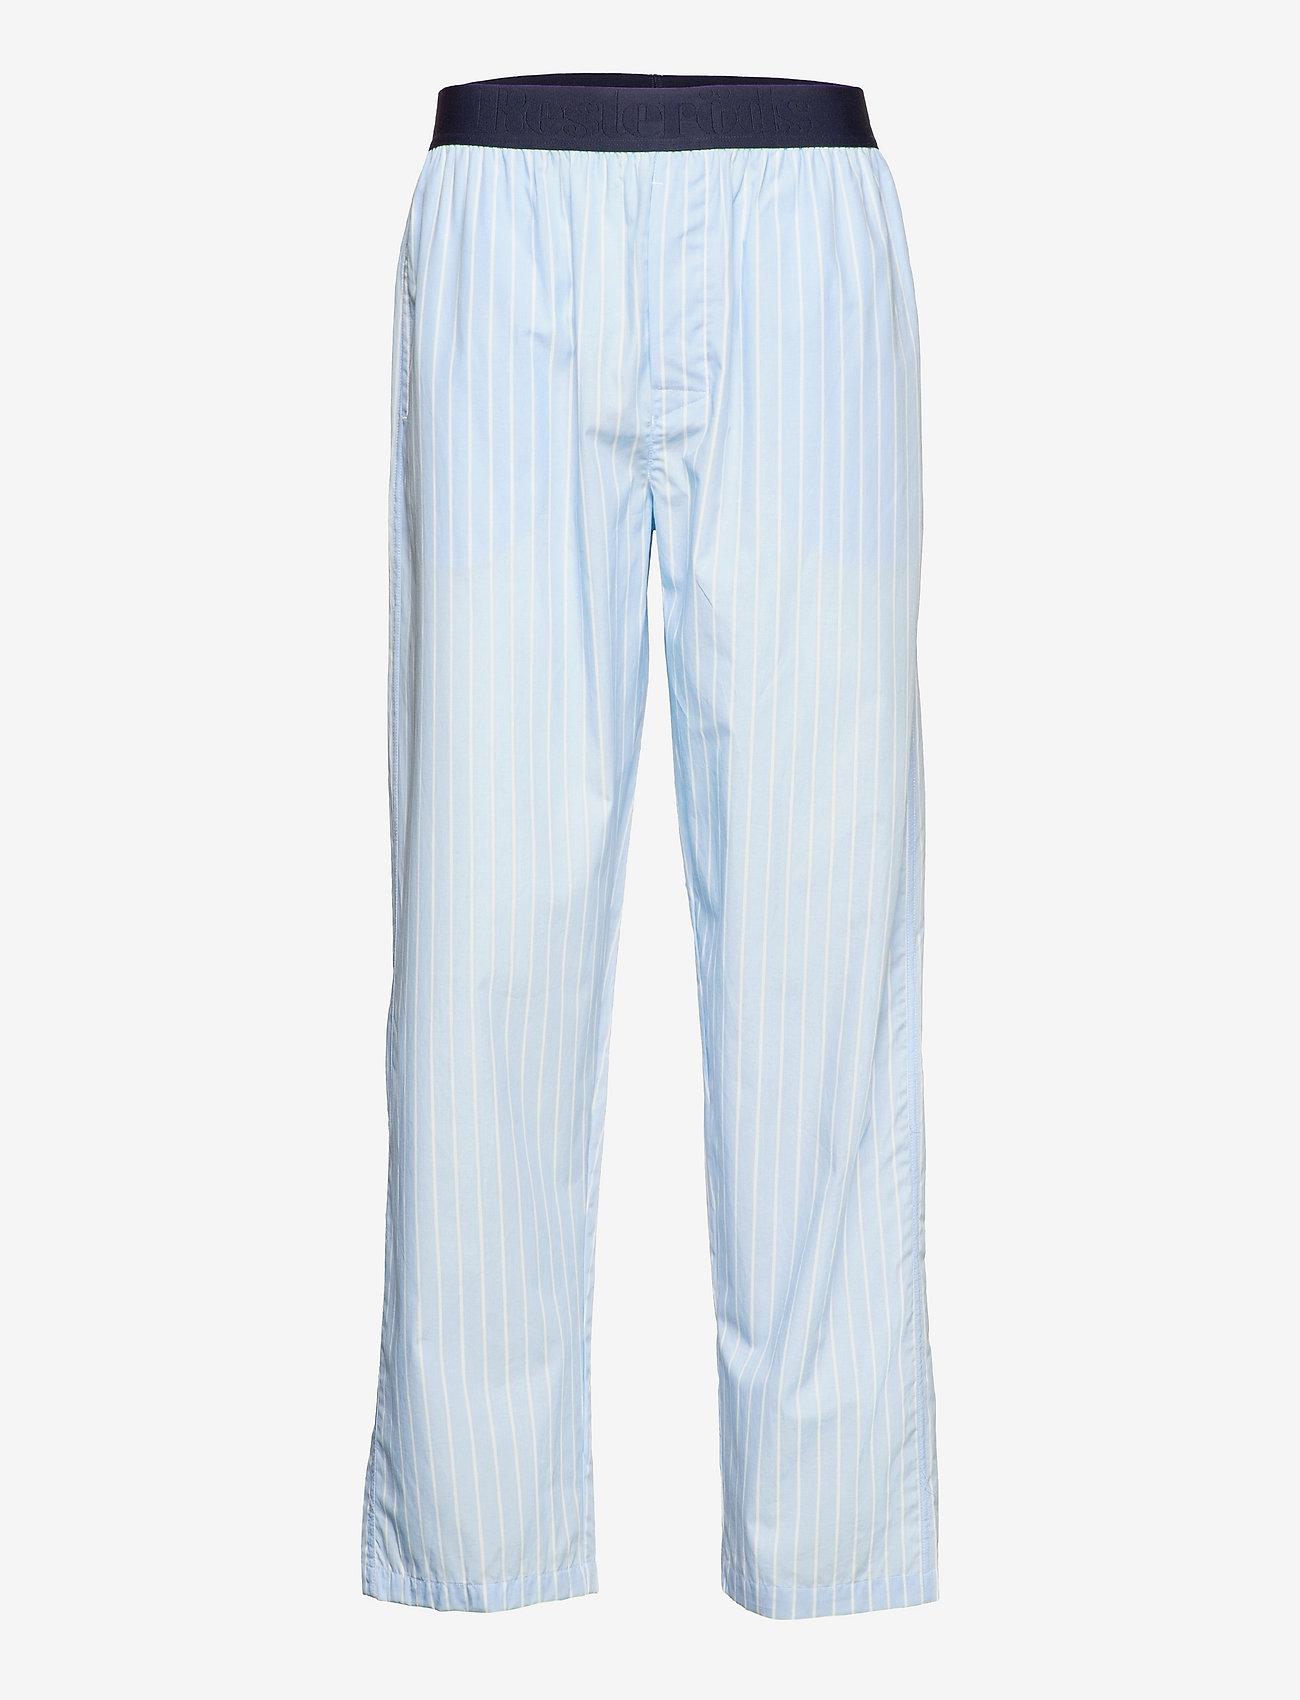 Resteröds - Resteröds Pyjamas pants Org. - bottoms - blå - 0